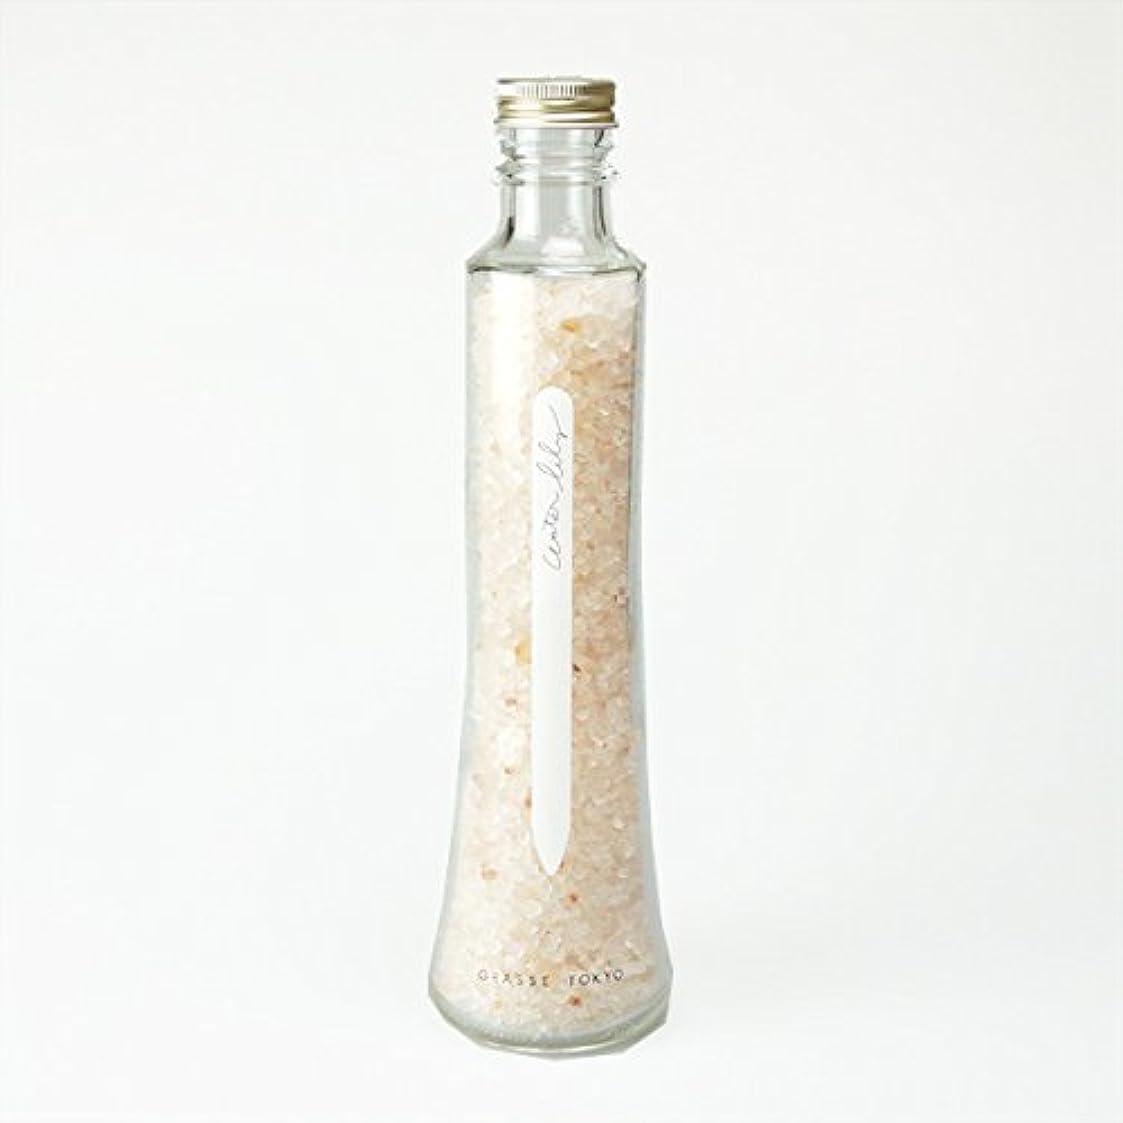 条約サークルフラスコグラーストウキョウ フレグランスソルト(浴用、12回分ボトル) Water lily 360g